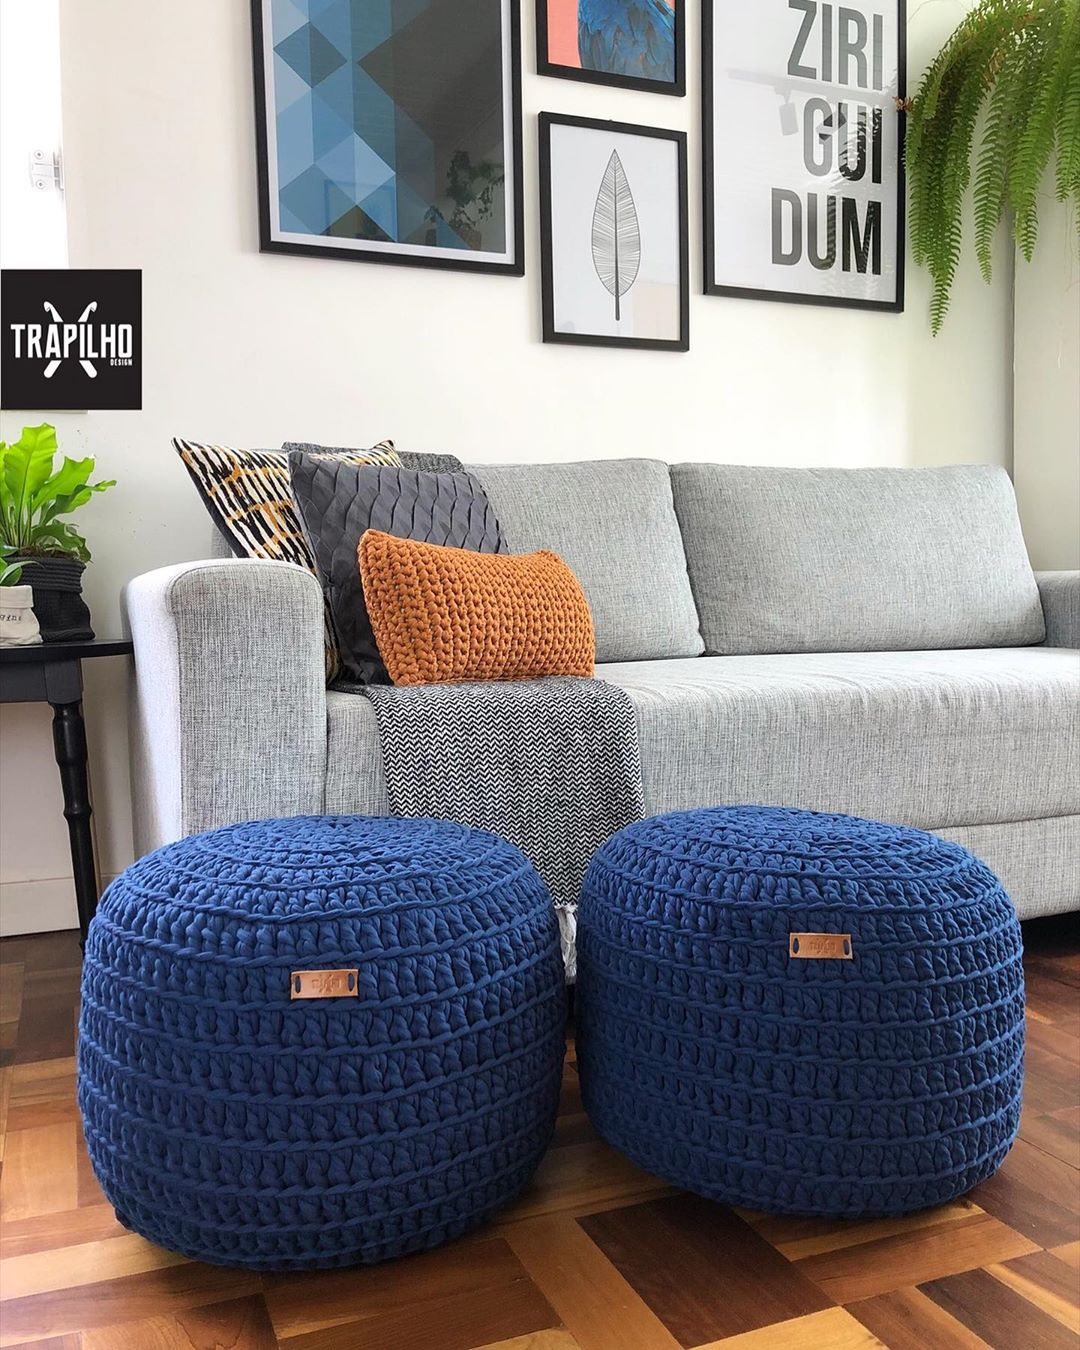 sofa cinza claro com pufes e almofadas coloridos